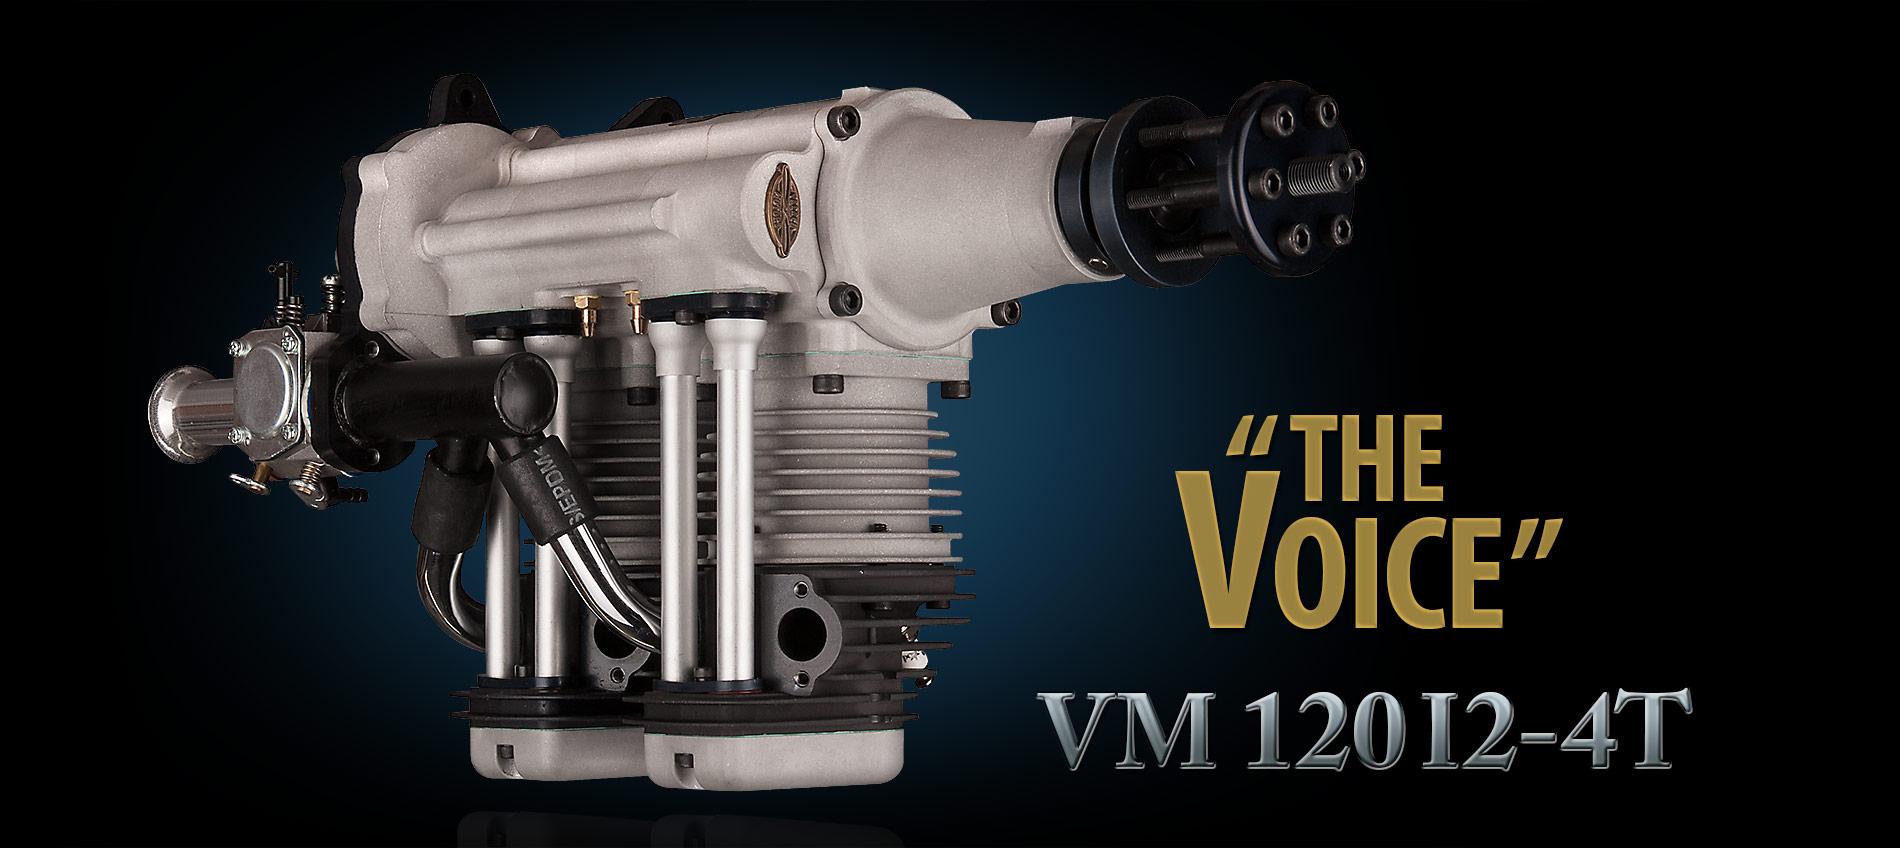 Valach VM 120 I2-4T